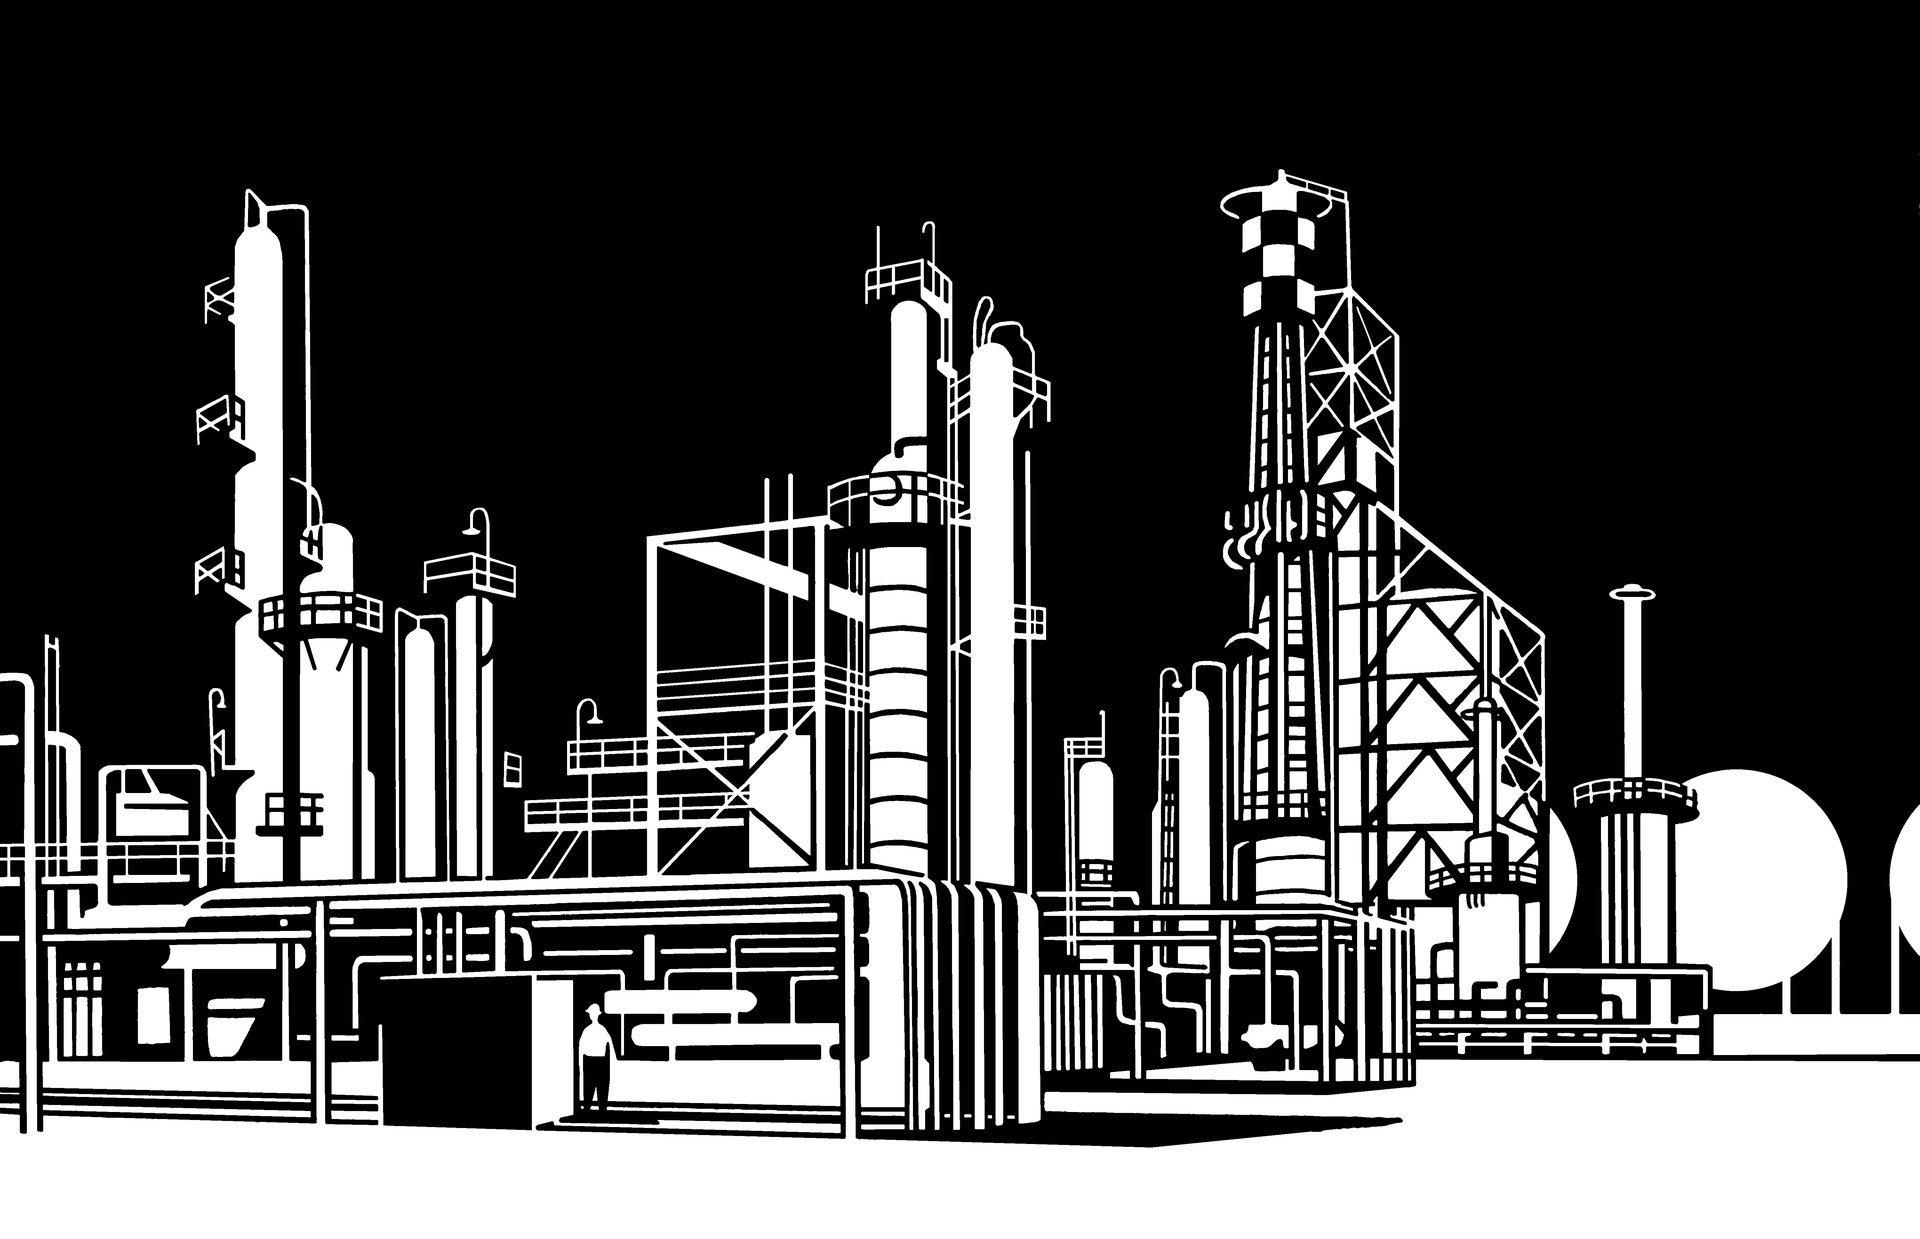 Завод картинка графика